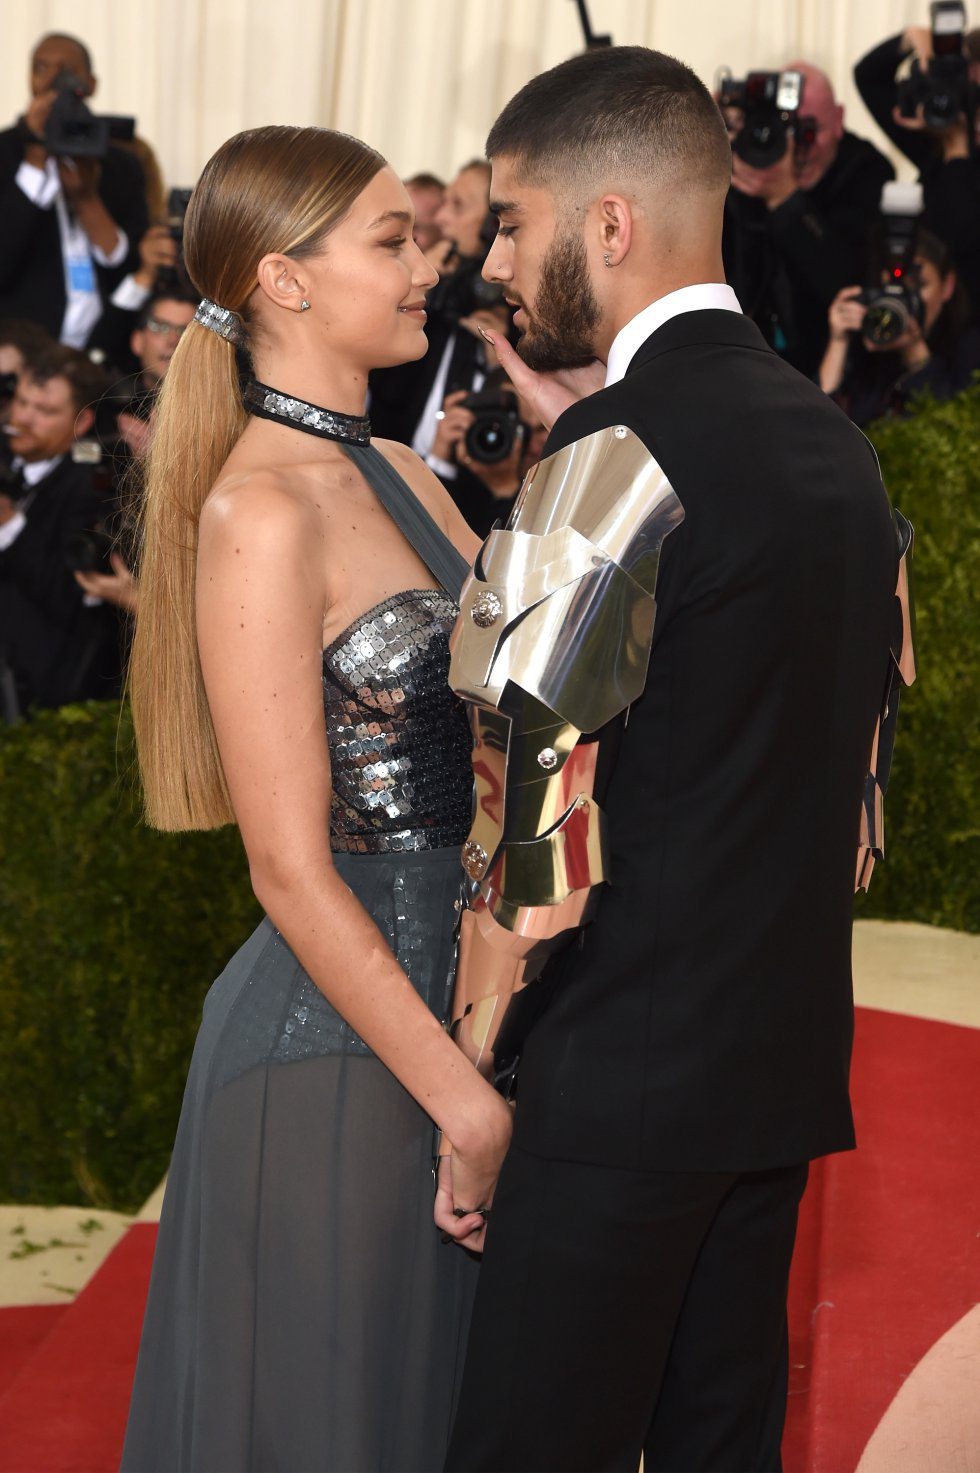 La pareja formada por Gigi Hadid y Zayn Malik ha vuelto a protagonizar una llamativa colaboración profesional con su participación conjunta en la nueva campaña de Versace.